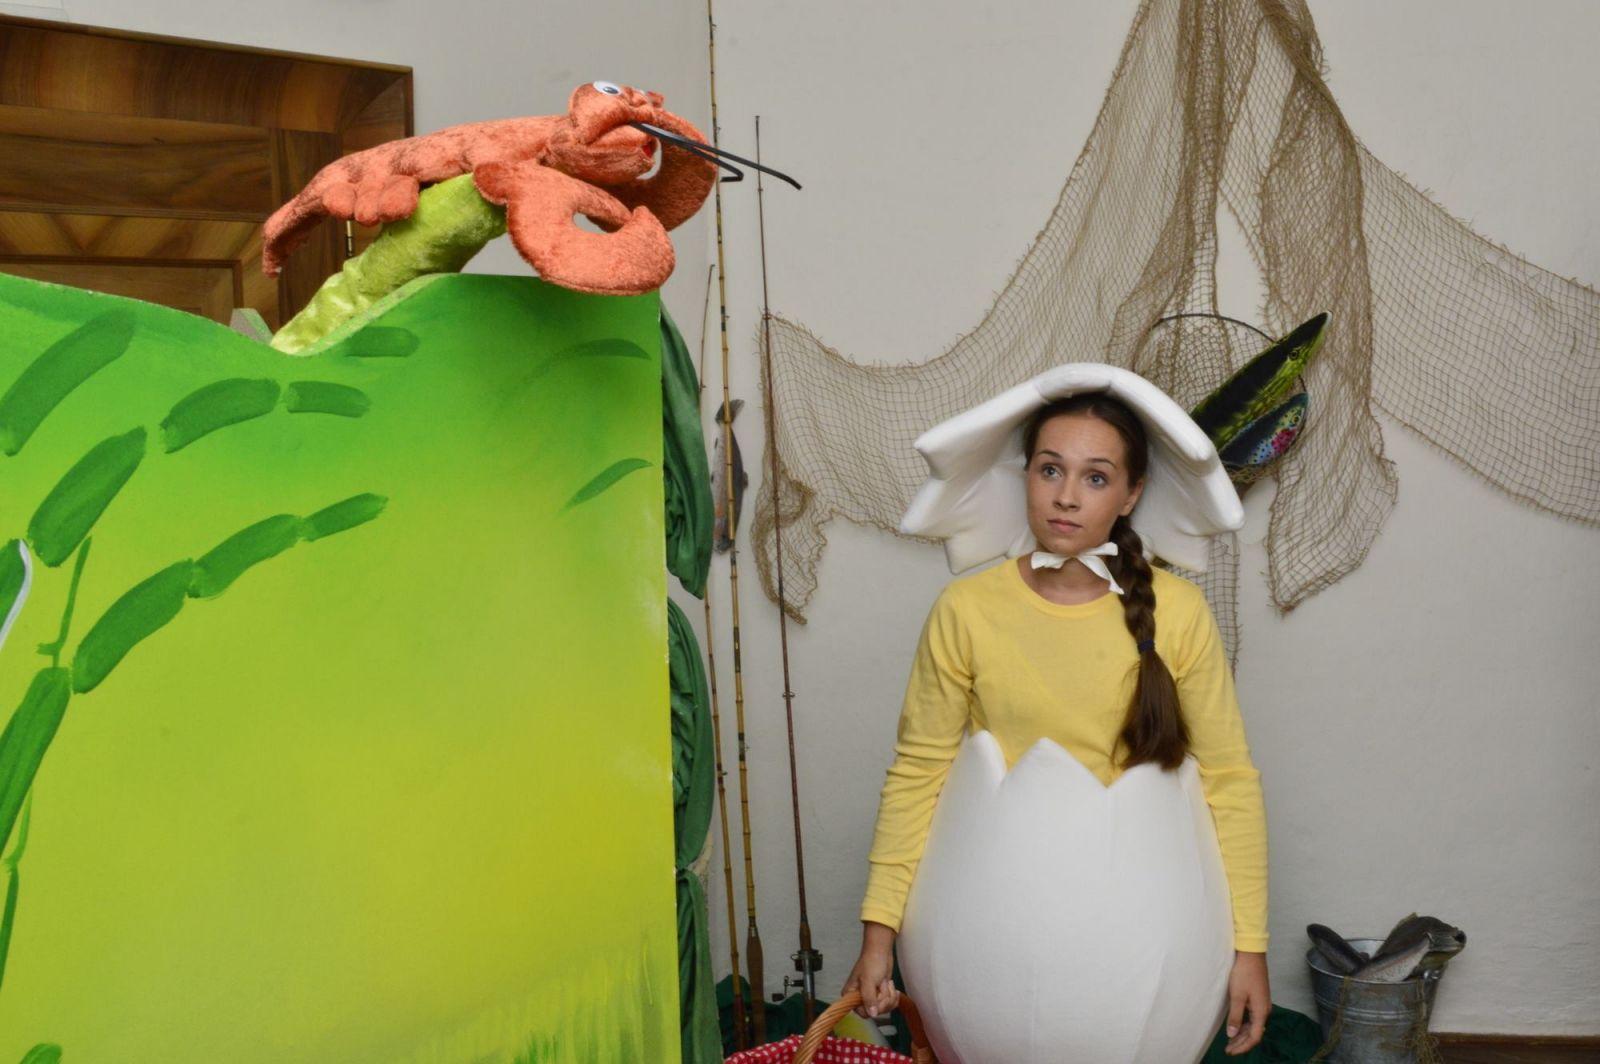 Rozprávkový zámok: Po Bojnickom zámku putuje odvážne vajce, deti učí o sile priateľstva